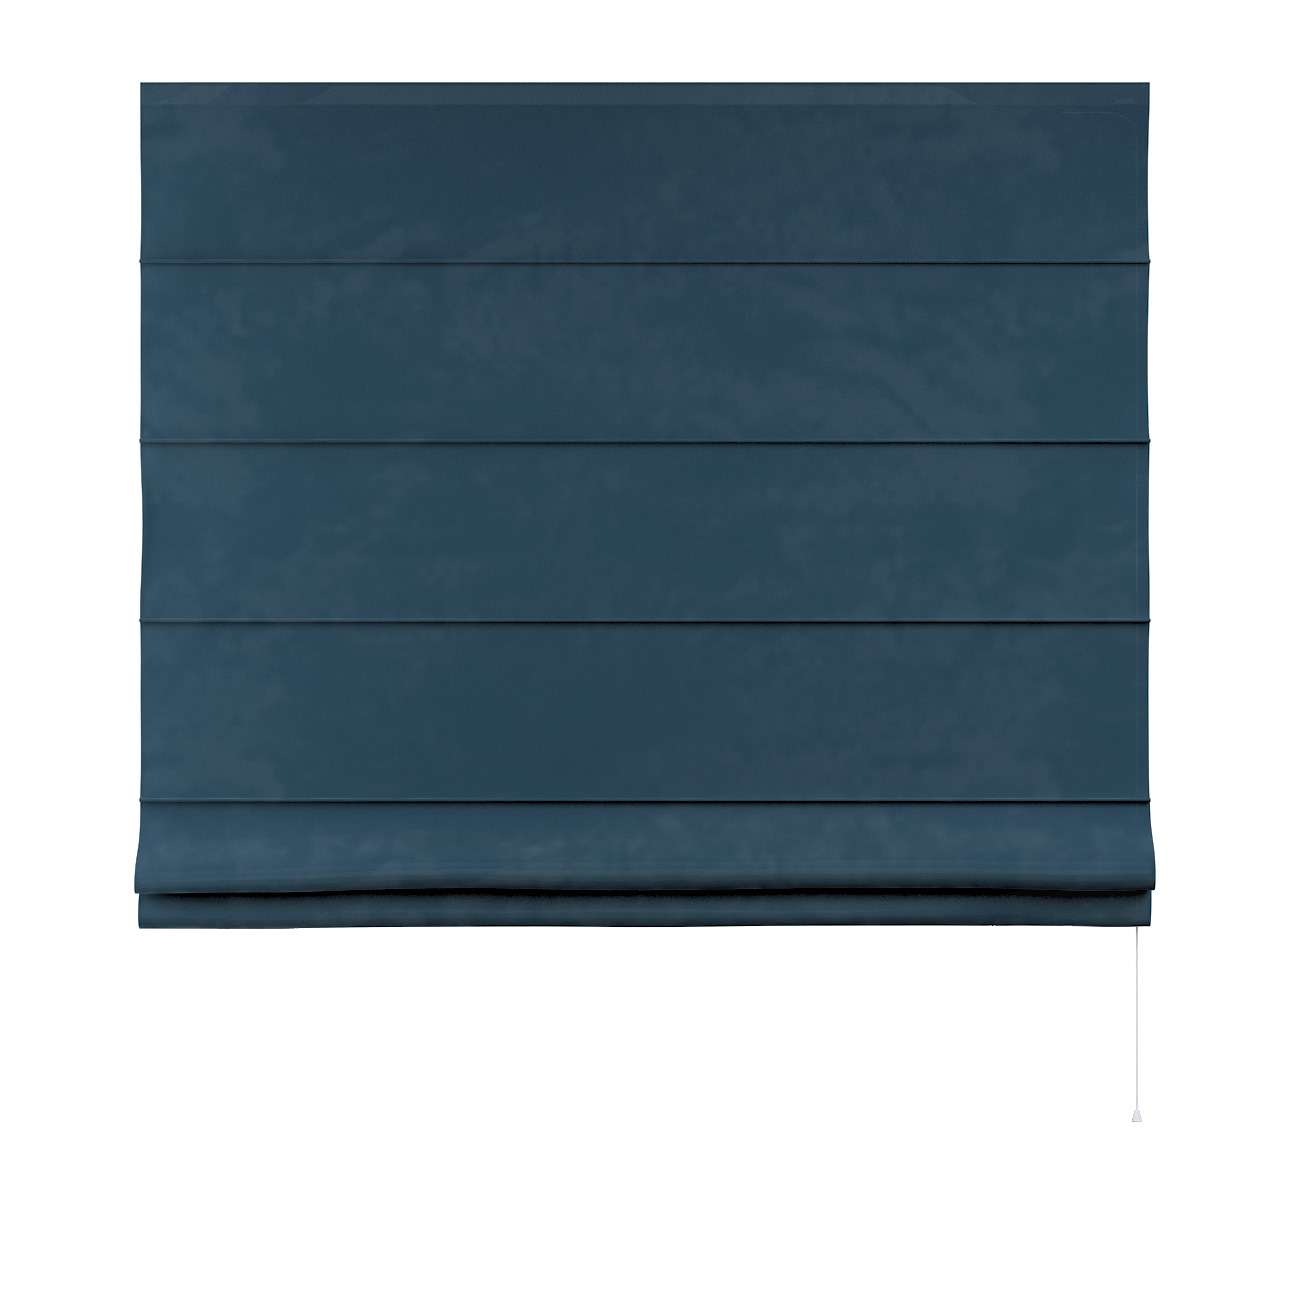 Billie roman blind in collection Posh Velvet, fabric: 704-16